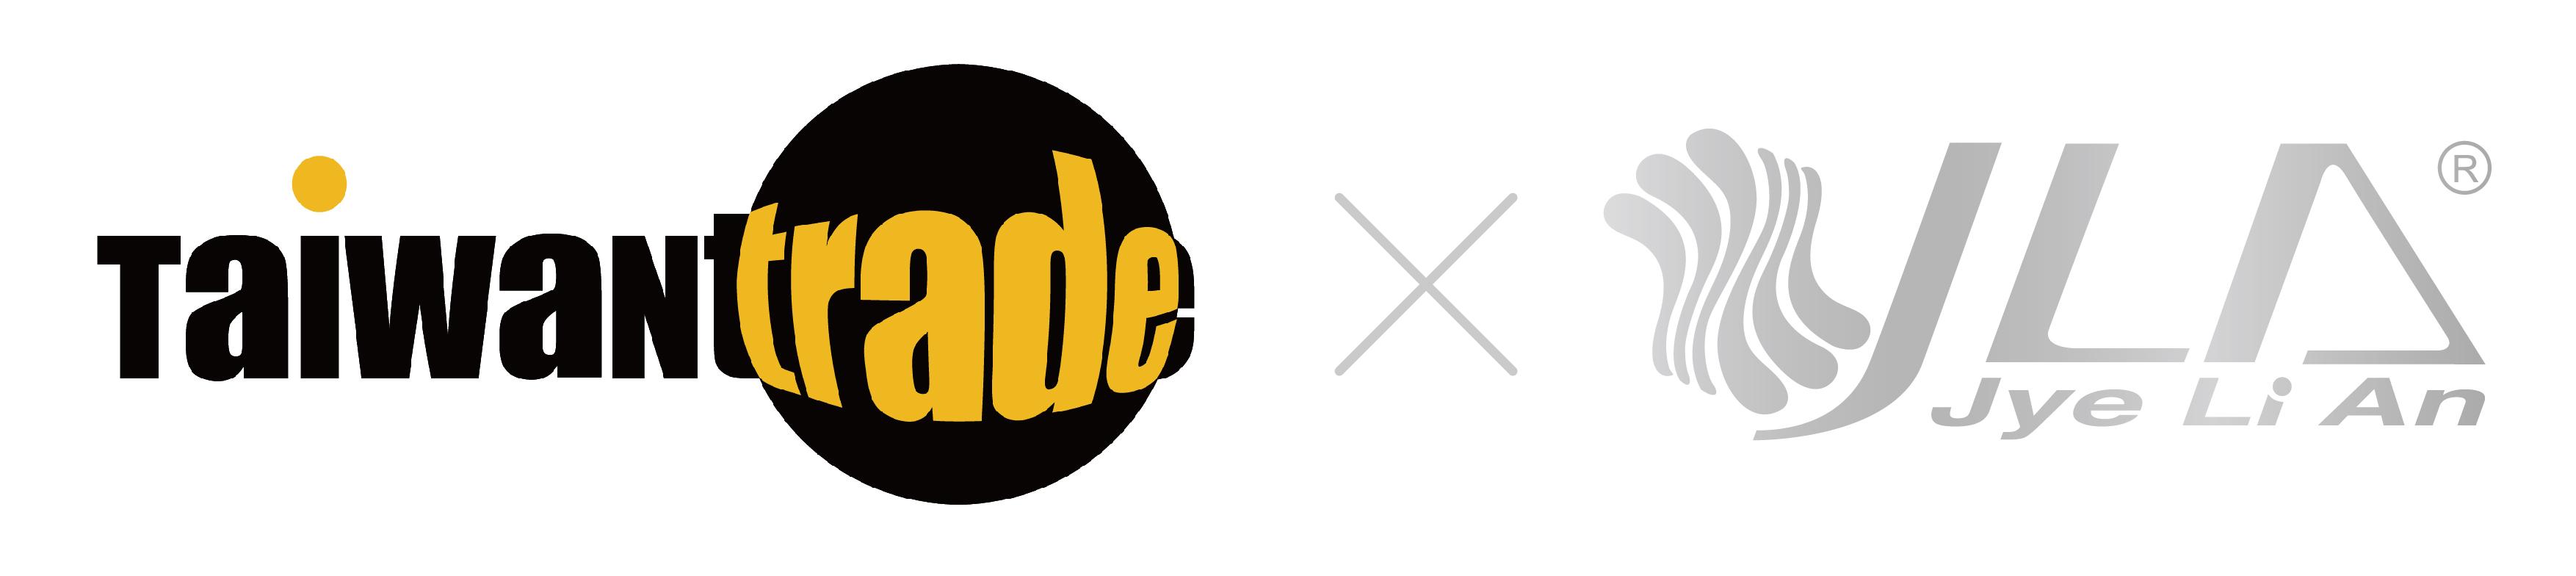 『 Taiwantrade 』 x 『 JLA 』  = 100% Made In Taiwan